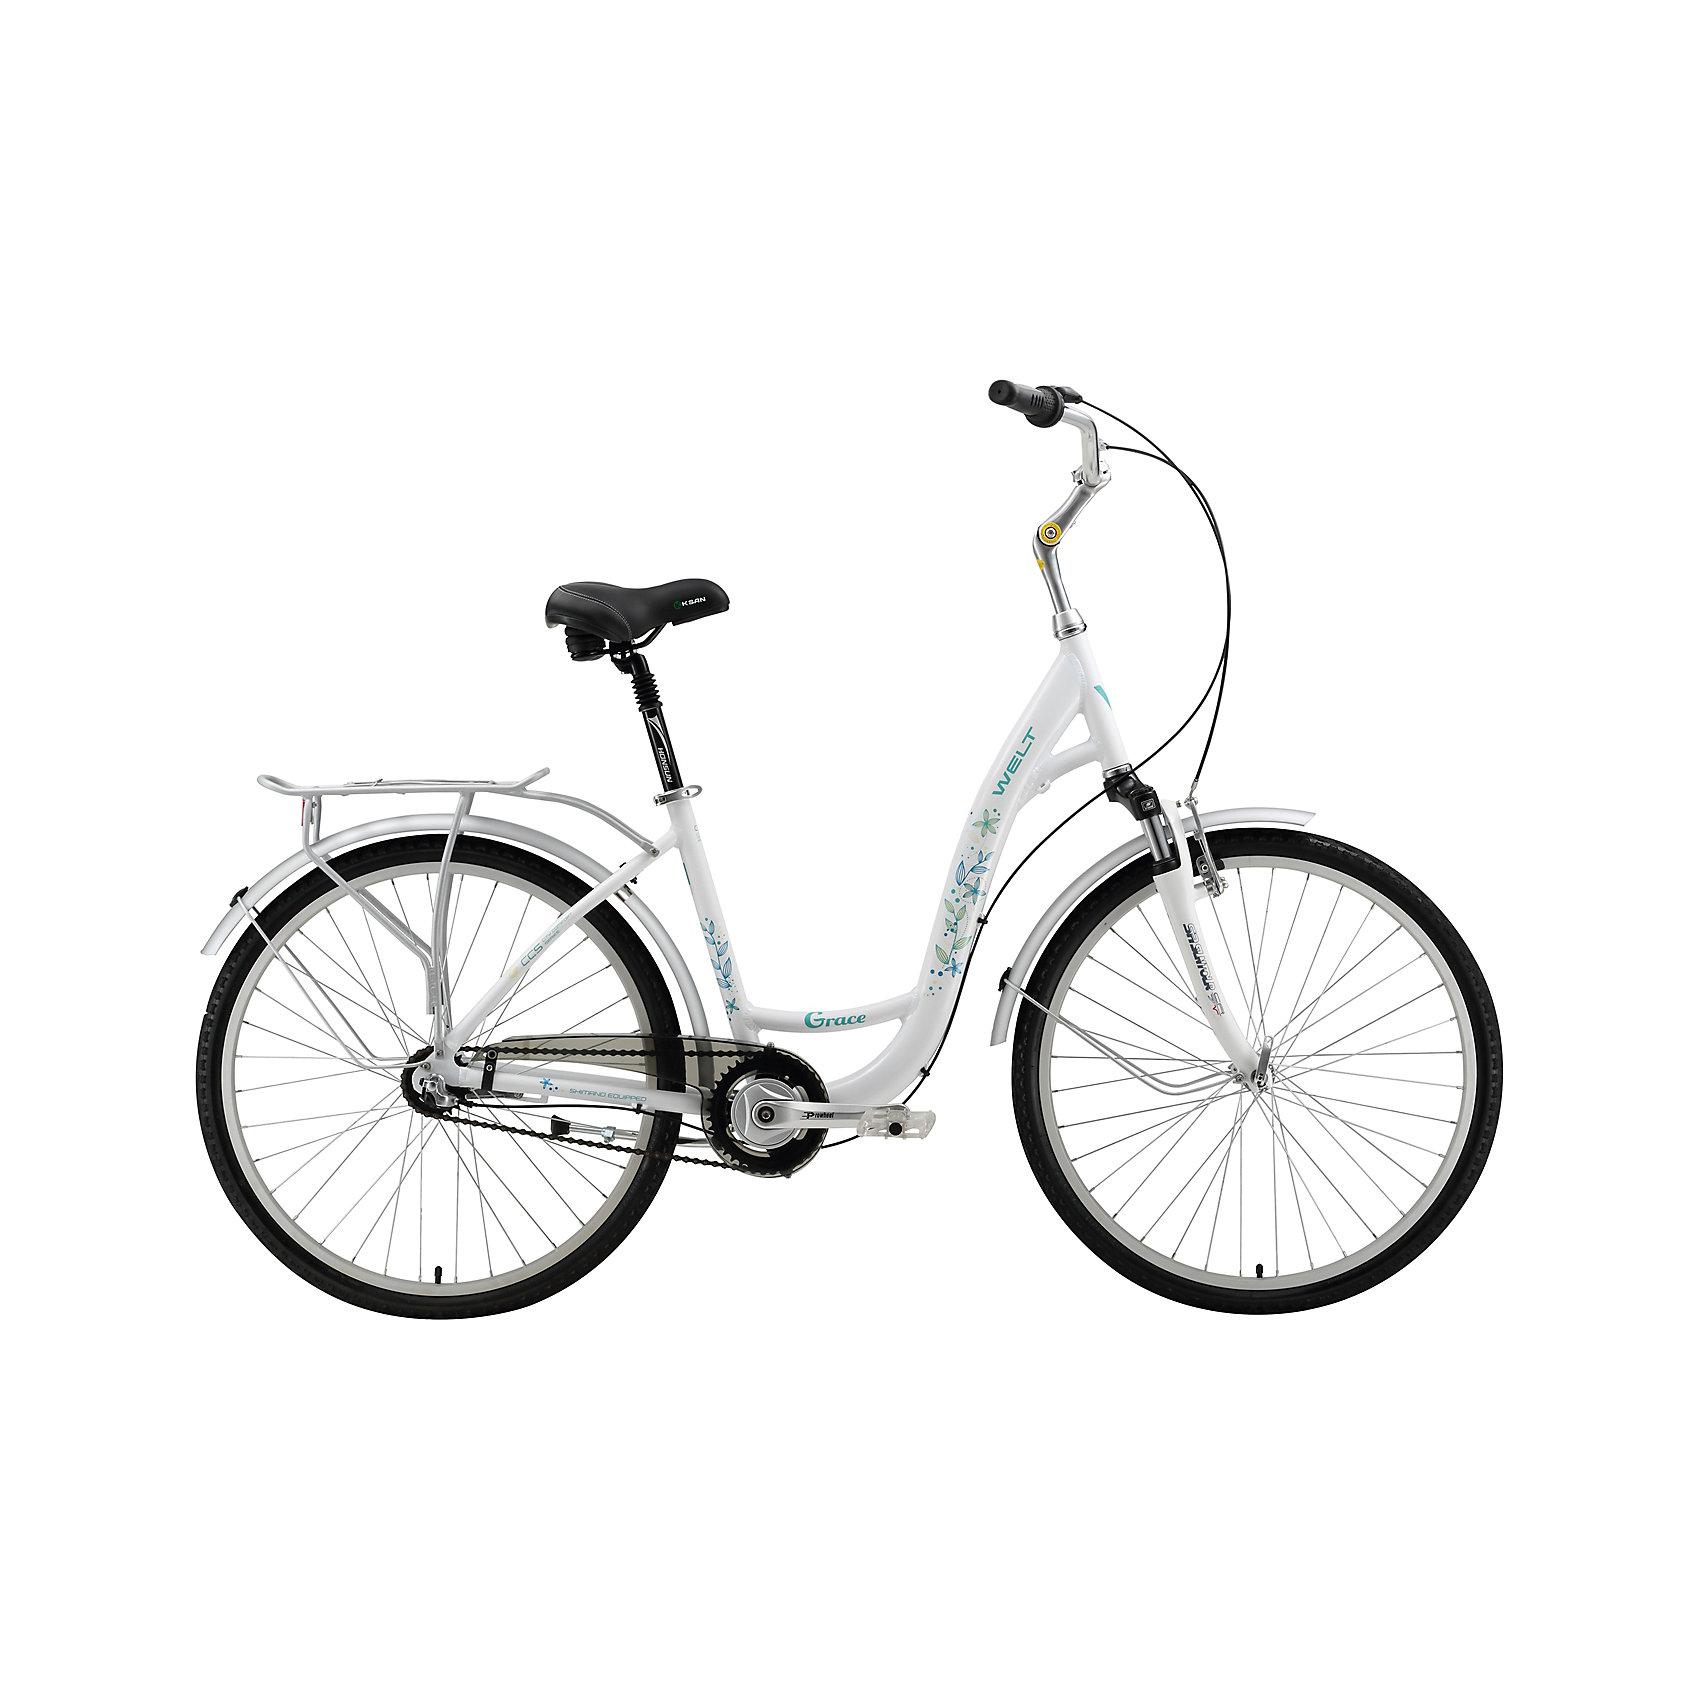 Велосипед  Grace, 17 дюймов, белый, WeltВелосипеды детские<br>Характеристика товара:<br><br>• цвет: белый<br>• размер рамы, дюймы: 17<br>• диаметр колес: 26<br>• кол-во скоростей: 3<br>• тип вилки: амортизационная<br>• вилка: SR Suntour SF11-CR-7V 40mm<br>• задний переключатель: планетарный механизм<br>• шифтеры: Shimano Revo R 3spd<br>• тип тормозов: V-brake/ножной<br>• тормоза: Promax TX-117<br>• система: Prowheel PRO A-36 1spd<br>• каретка: sealed cartridge<br>• кассета: 20T<br>• тип рулевой колонки: 1-1/8 резьбовая<br>• вынос: Promax 105мм регулир.<br>• руль: alloy Ф25,4 570mm city<br>• ободья: alloy 6N<br>• покрышки: Kenda Khan 26x1,75<br>• втулки: Shimano Nexus<br>• подседельный штырь: Promax alloy с амортизацией<br>• цепь: KMC Z-410<br>• подножка: alloy, центральная<br>• крылья: полноразмерные<br>• вес: 16.5 кг<br><br>Комфортный и элегантный универсальный женский велосипед для поездок как в городе и парках, так и на природе.  <br><br>Алюминиевой рама изготовлена из облегченных труб алюминиевого сплава AL6061. <br><br>В комплект входят полноразмерные крылья, легкий алюминиевый задний багажник, удобная боковая подножка. <br><br>Полноценная защита цепи убережет одежду от попадания в детали трансмиссии.<br><br>Велосипед  Grace, 17 дюймов, белый, Welt можно купить в нашем интернет-магазине.<br><br>Ширина мм: 1450<br>Глубина мм: 200<br>Высота мм: 800<br>Вес г: 16500<br>Возраст от месяцев: 168<br>Возраст до месяцев: 2147483647<br>Пол: Унисекс<br>Возраст: Детский<br>SKU: 5569434